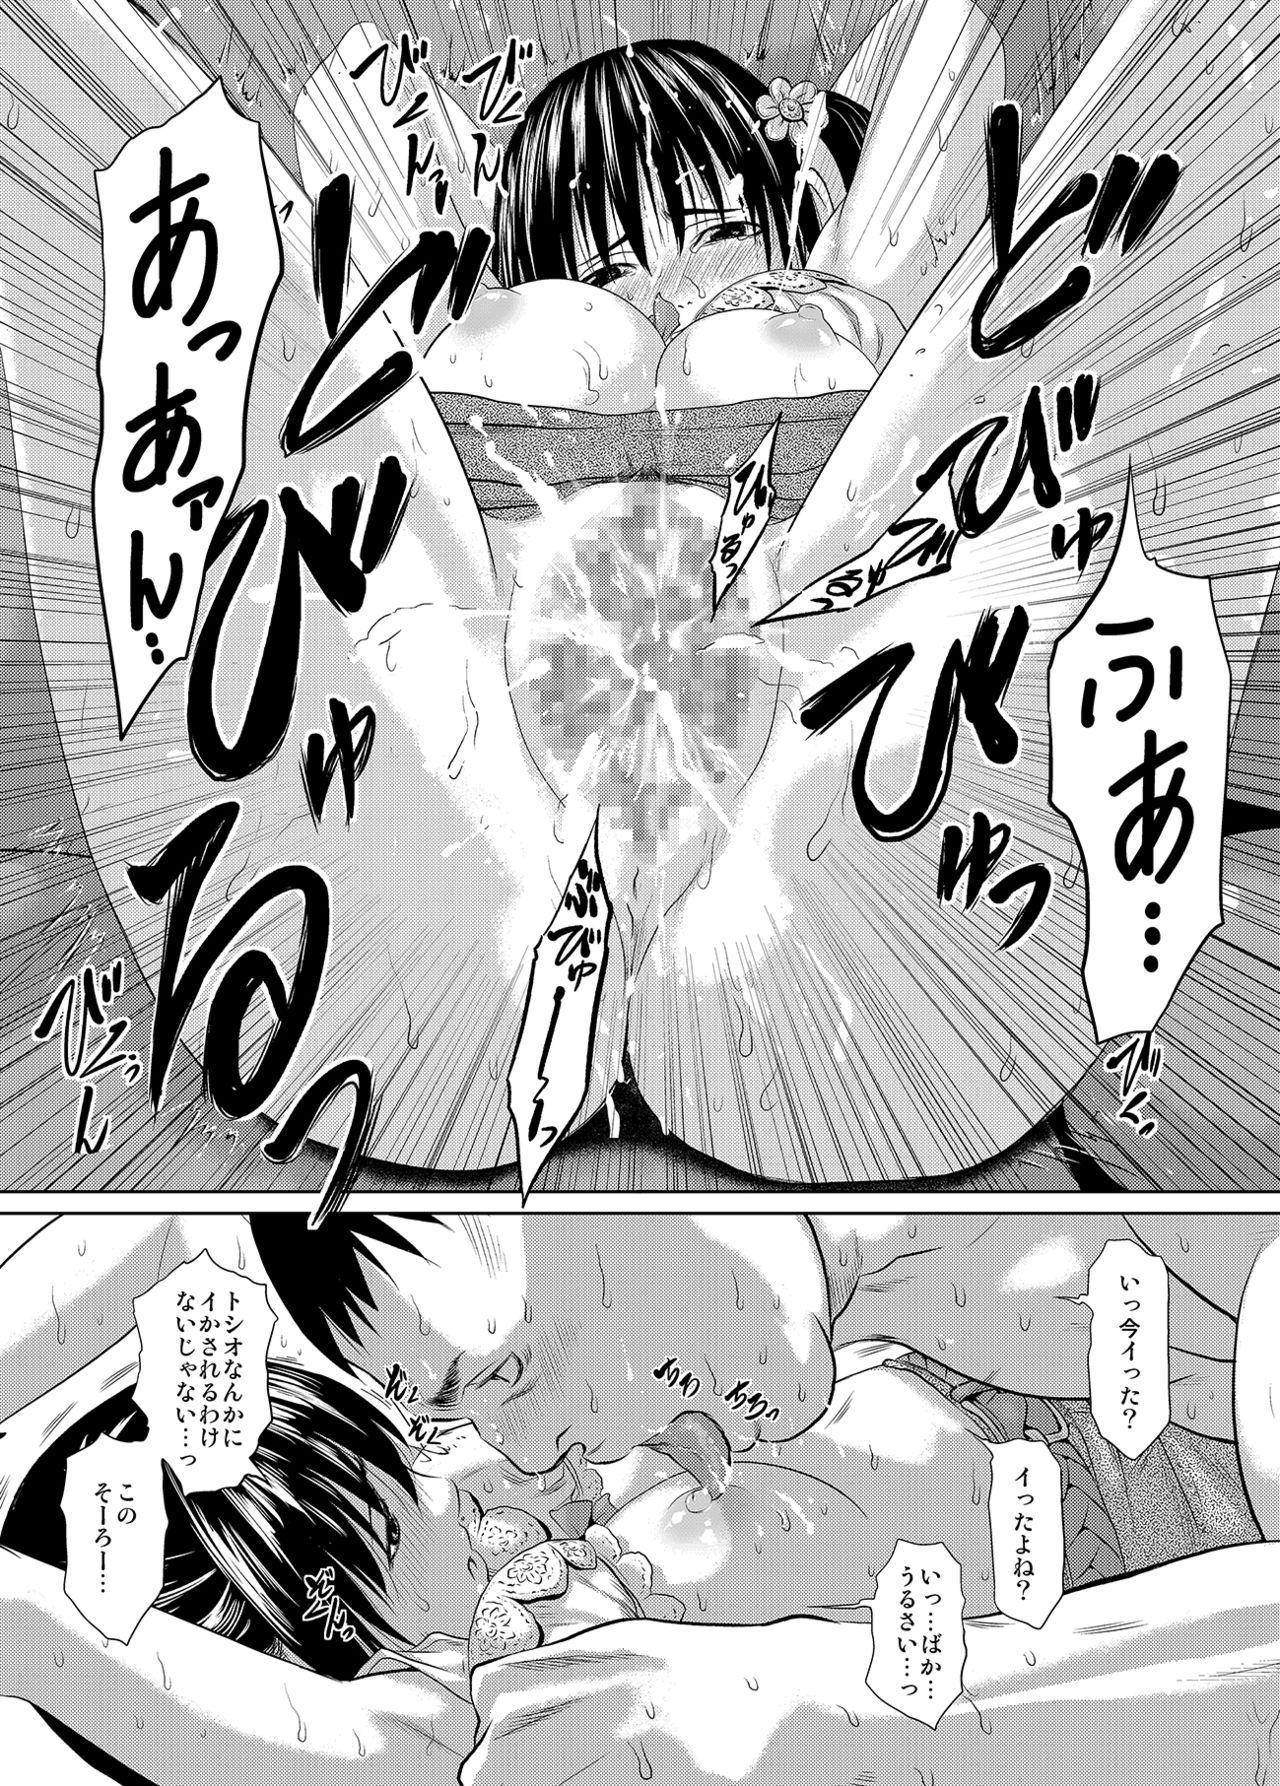 Mukashi kara Baka ni Shiteita Itoko no Kanninbukuro no O ga Kireta Kekka, Futarikiri no Semai Shanai de Karada o Moteasobareta Natsu no Hi no Koto. 42